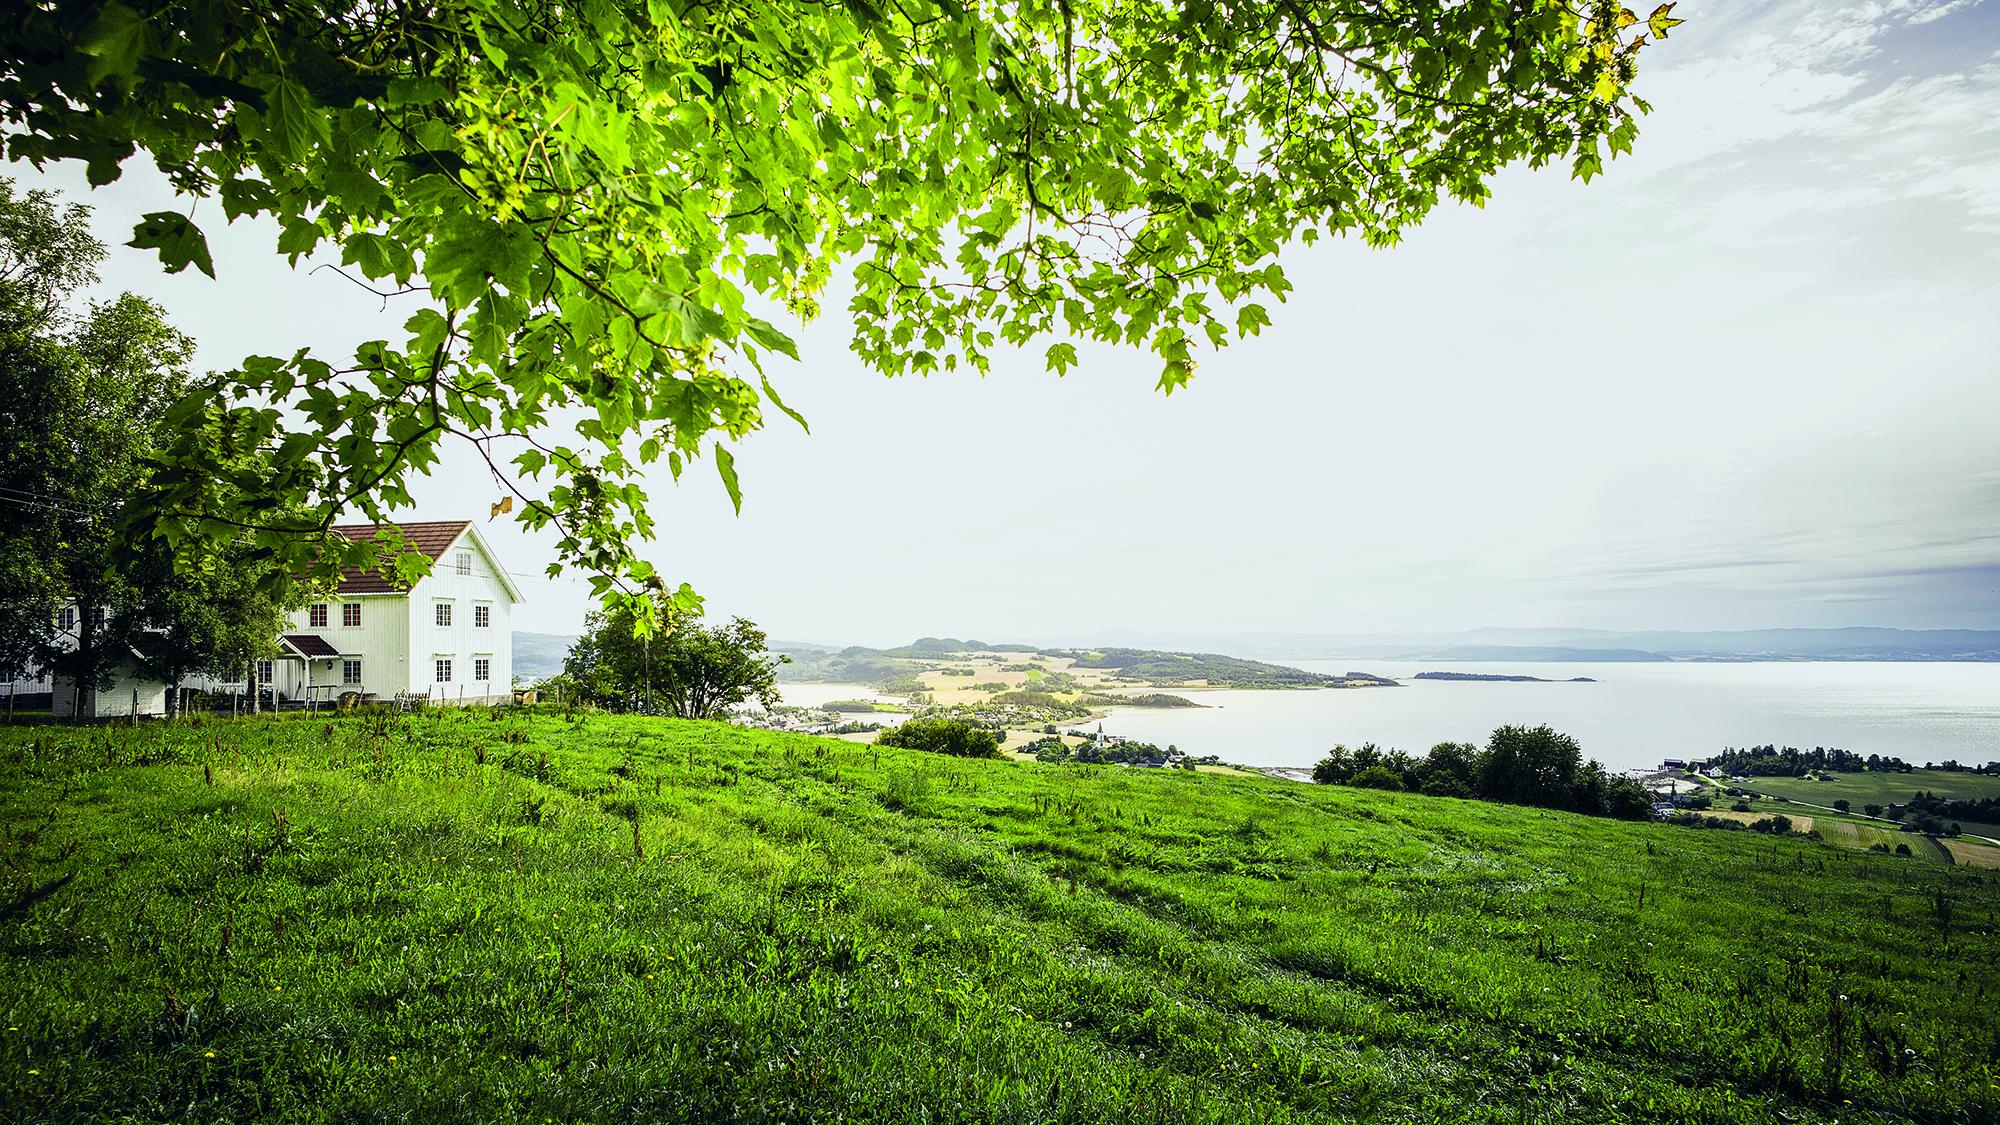 Utsikt over Inderøy. Foto: Jarle Hagen